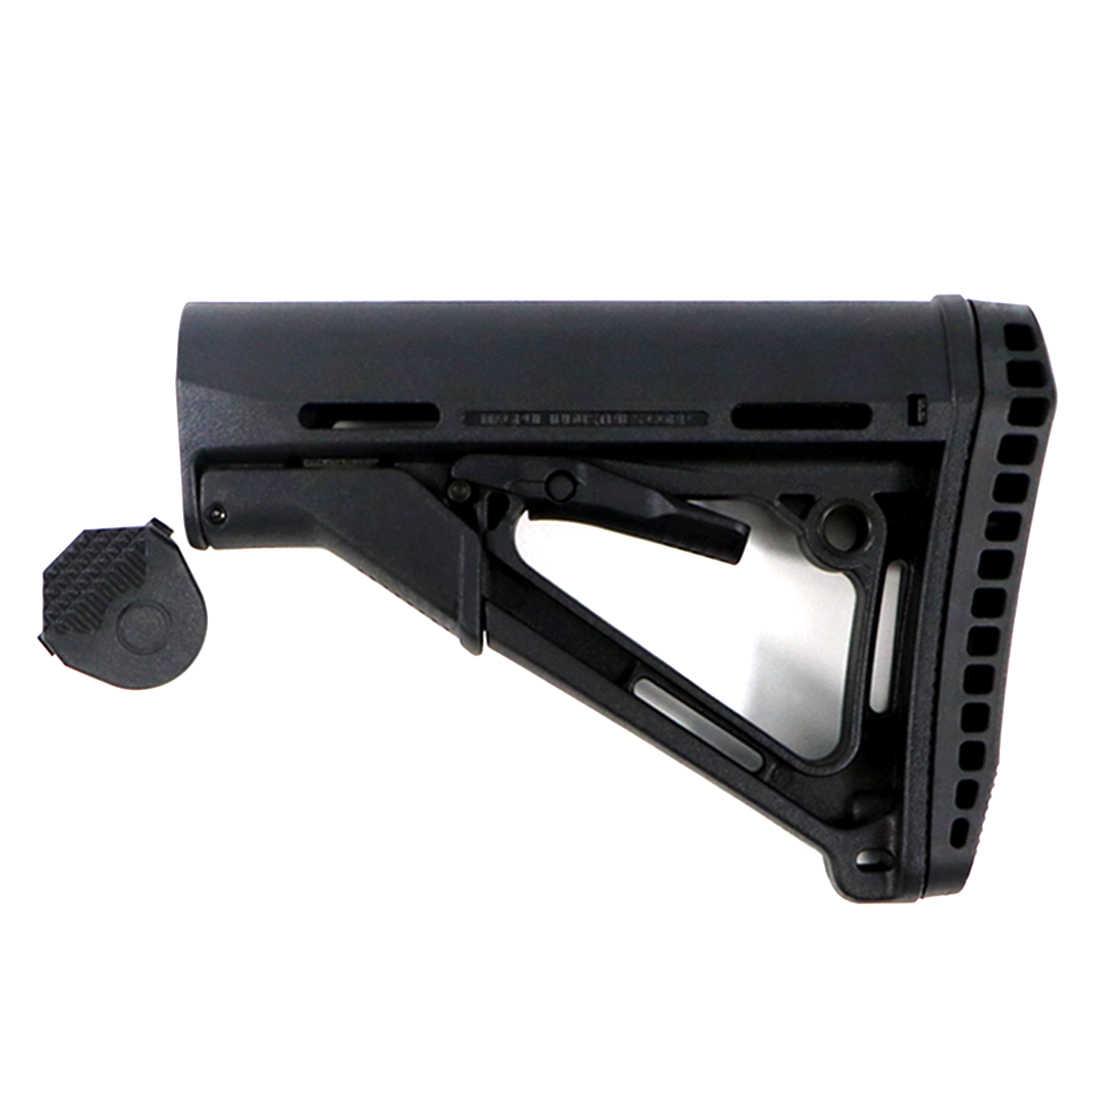 Вода Гель Blaster CTR запас для работника F10555 CTR буферная трубка и перекрещивающимся ремешком; Gen.8 M4 оригинальный буферная трубка-черный более поздней версии